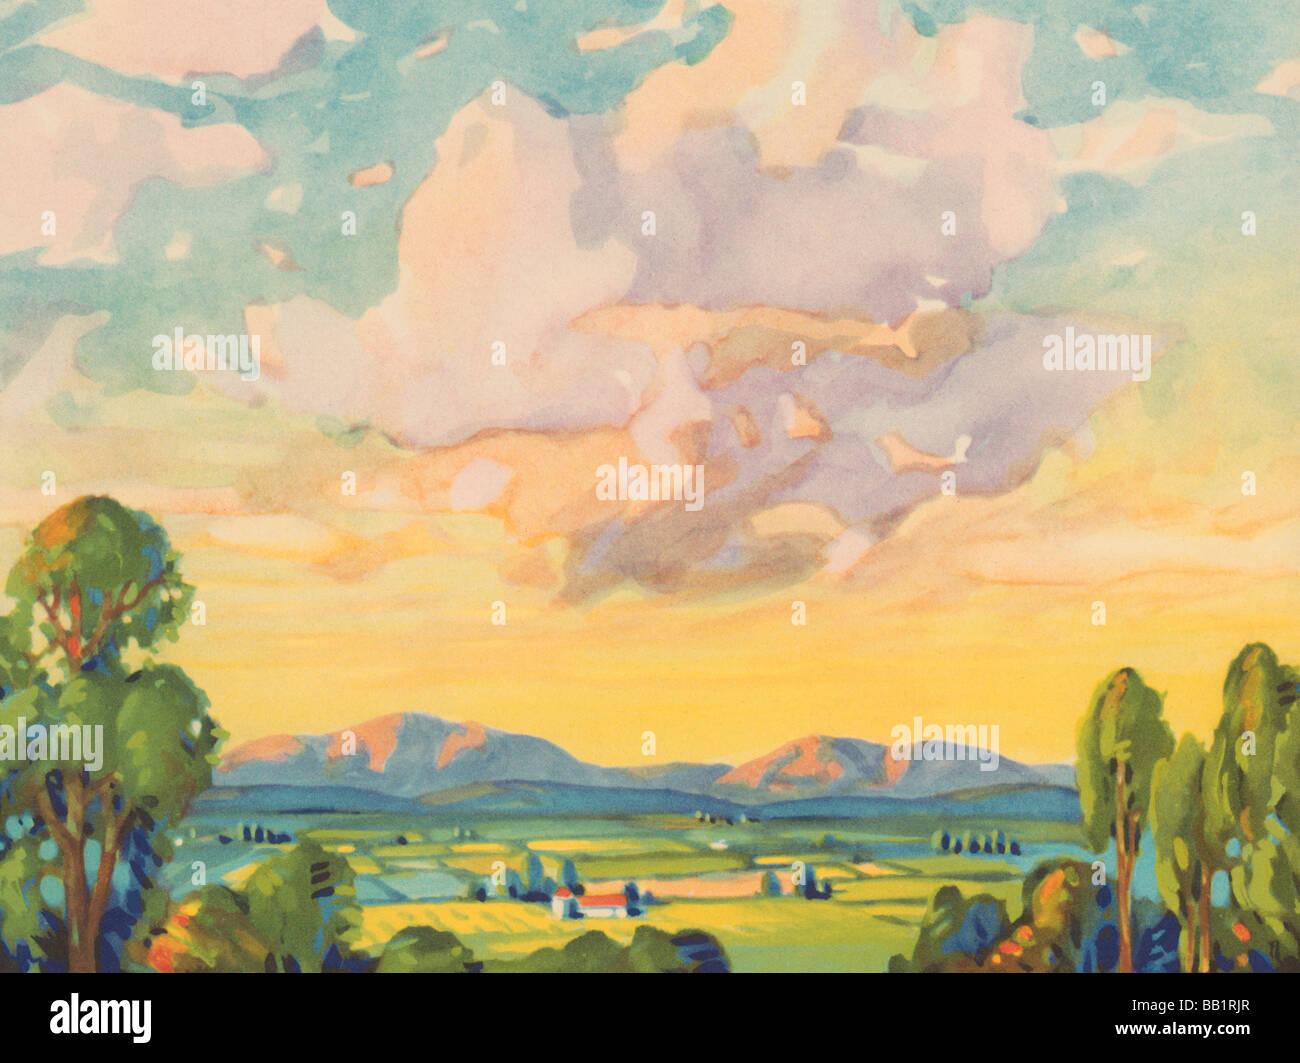 Paisaje y Nubes de Verano Foto de stock